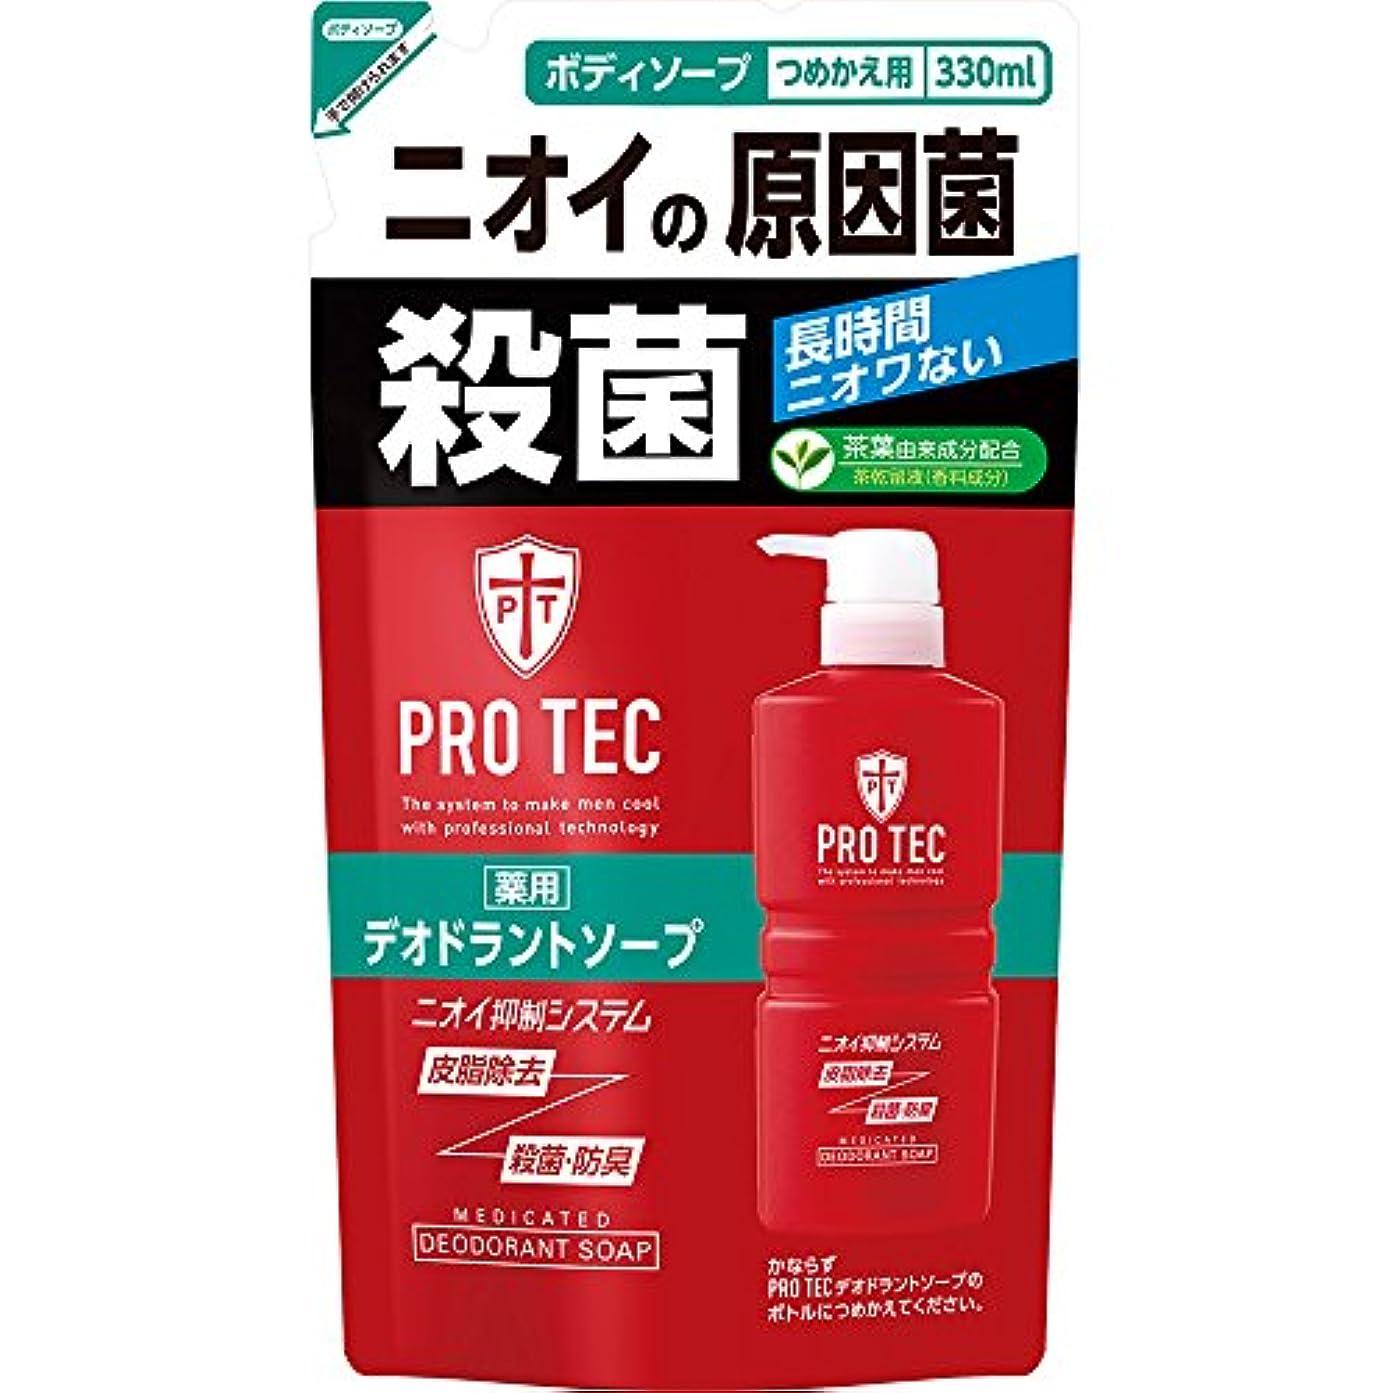 必要性大胆古くなったPRO TEC(プロテク) デオドラントソープ 詰め替え 330ml(医薬部外品)